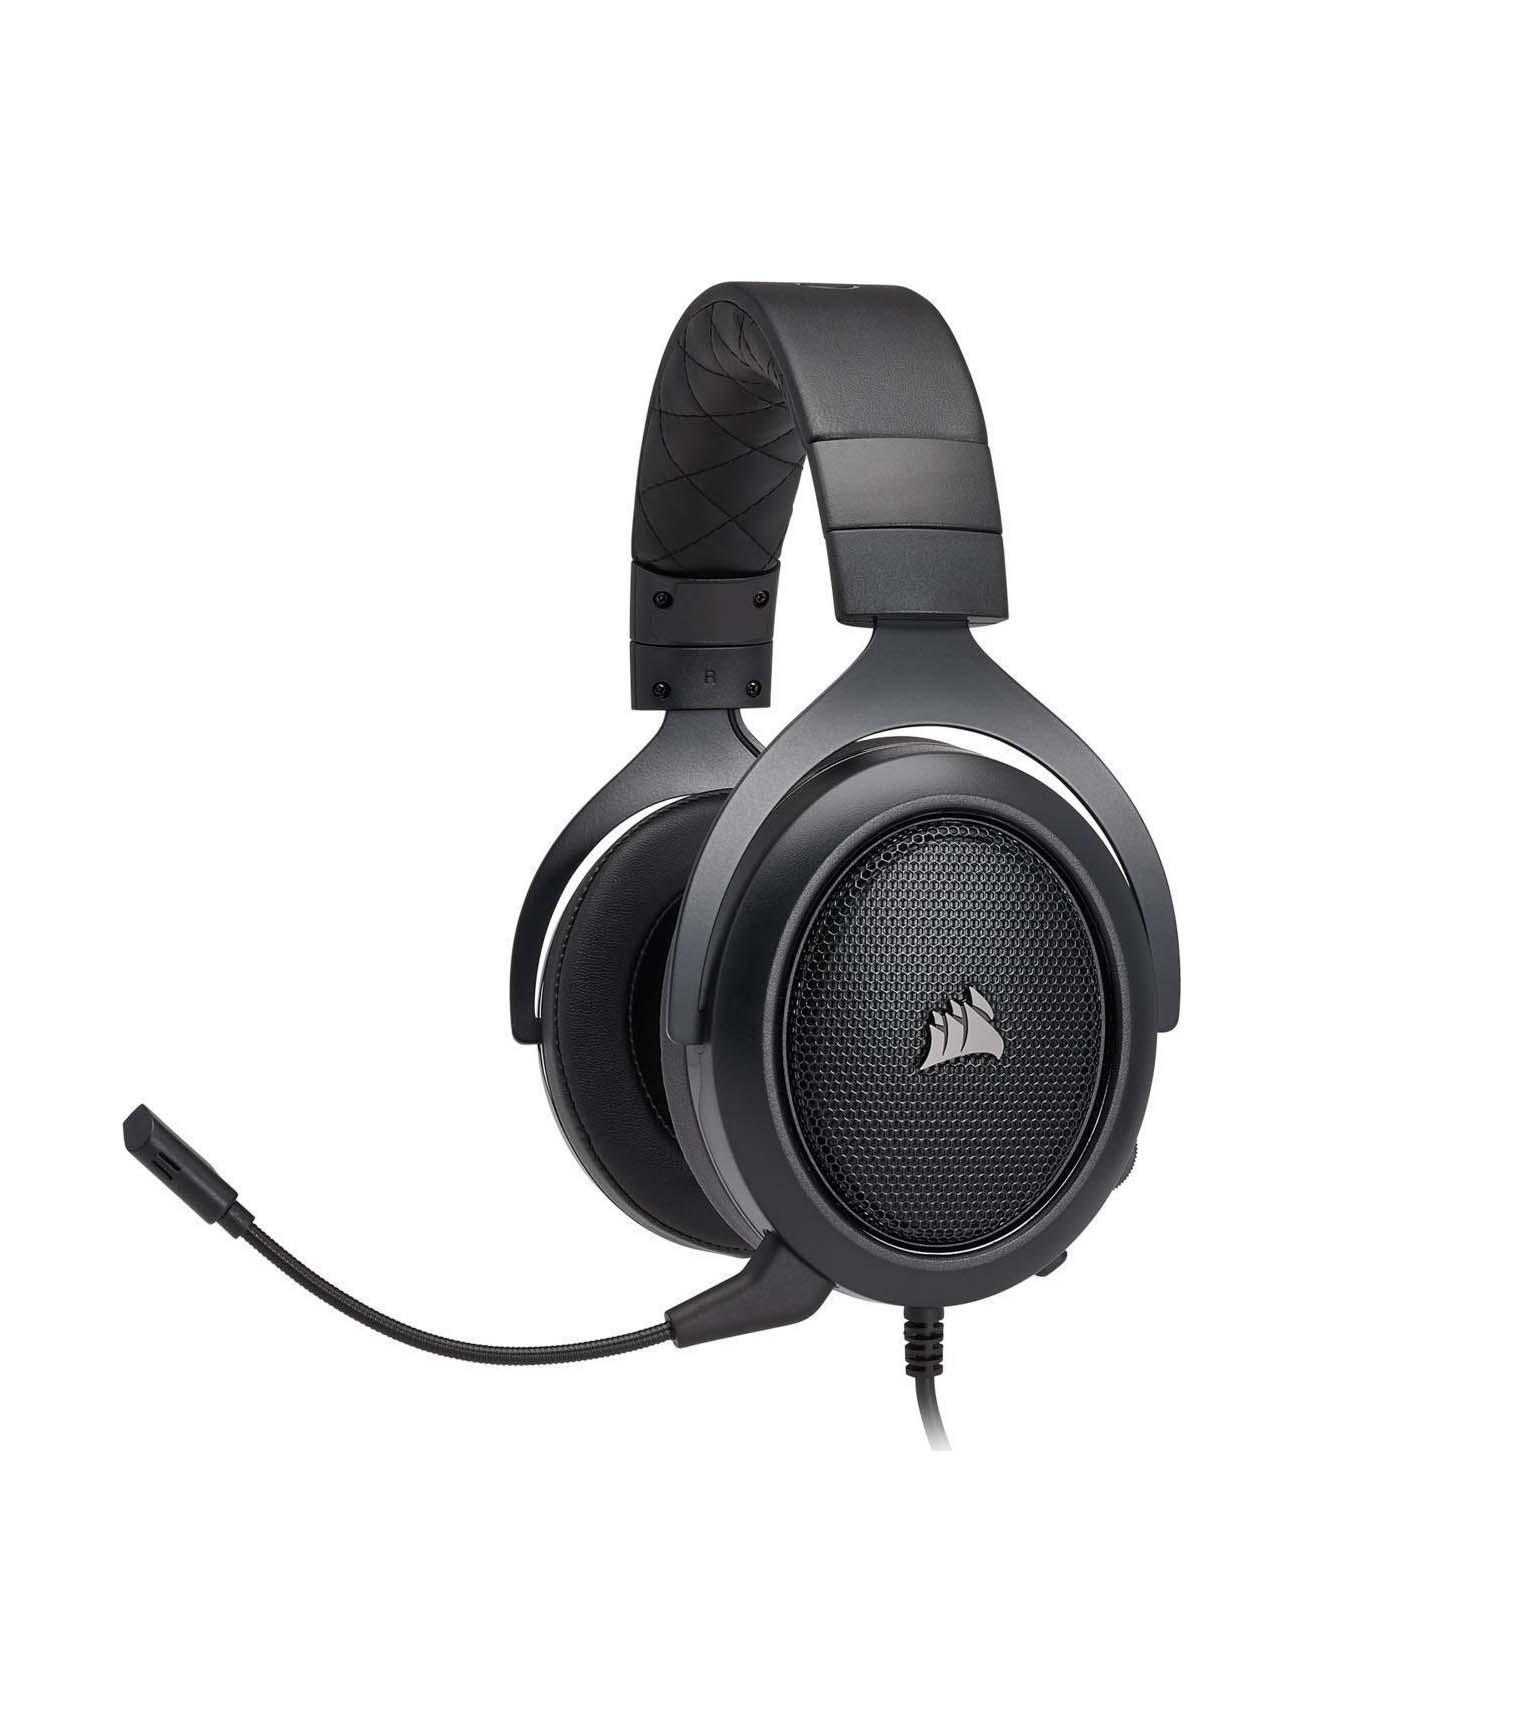 Corsair HS50 Pro Carbon Headphones CA-9011215-EU